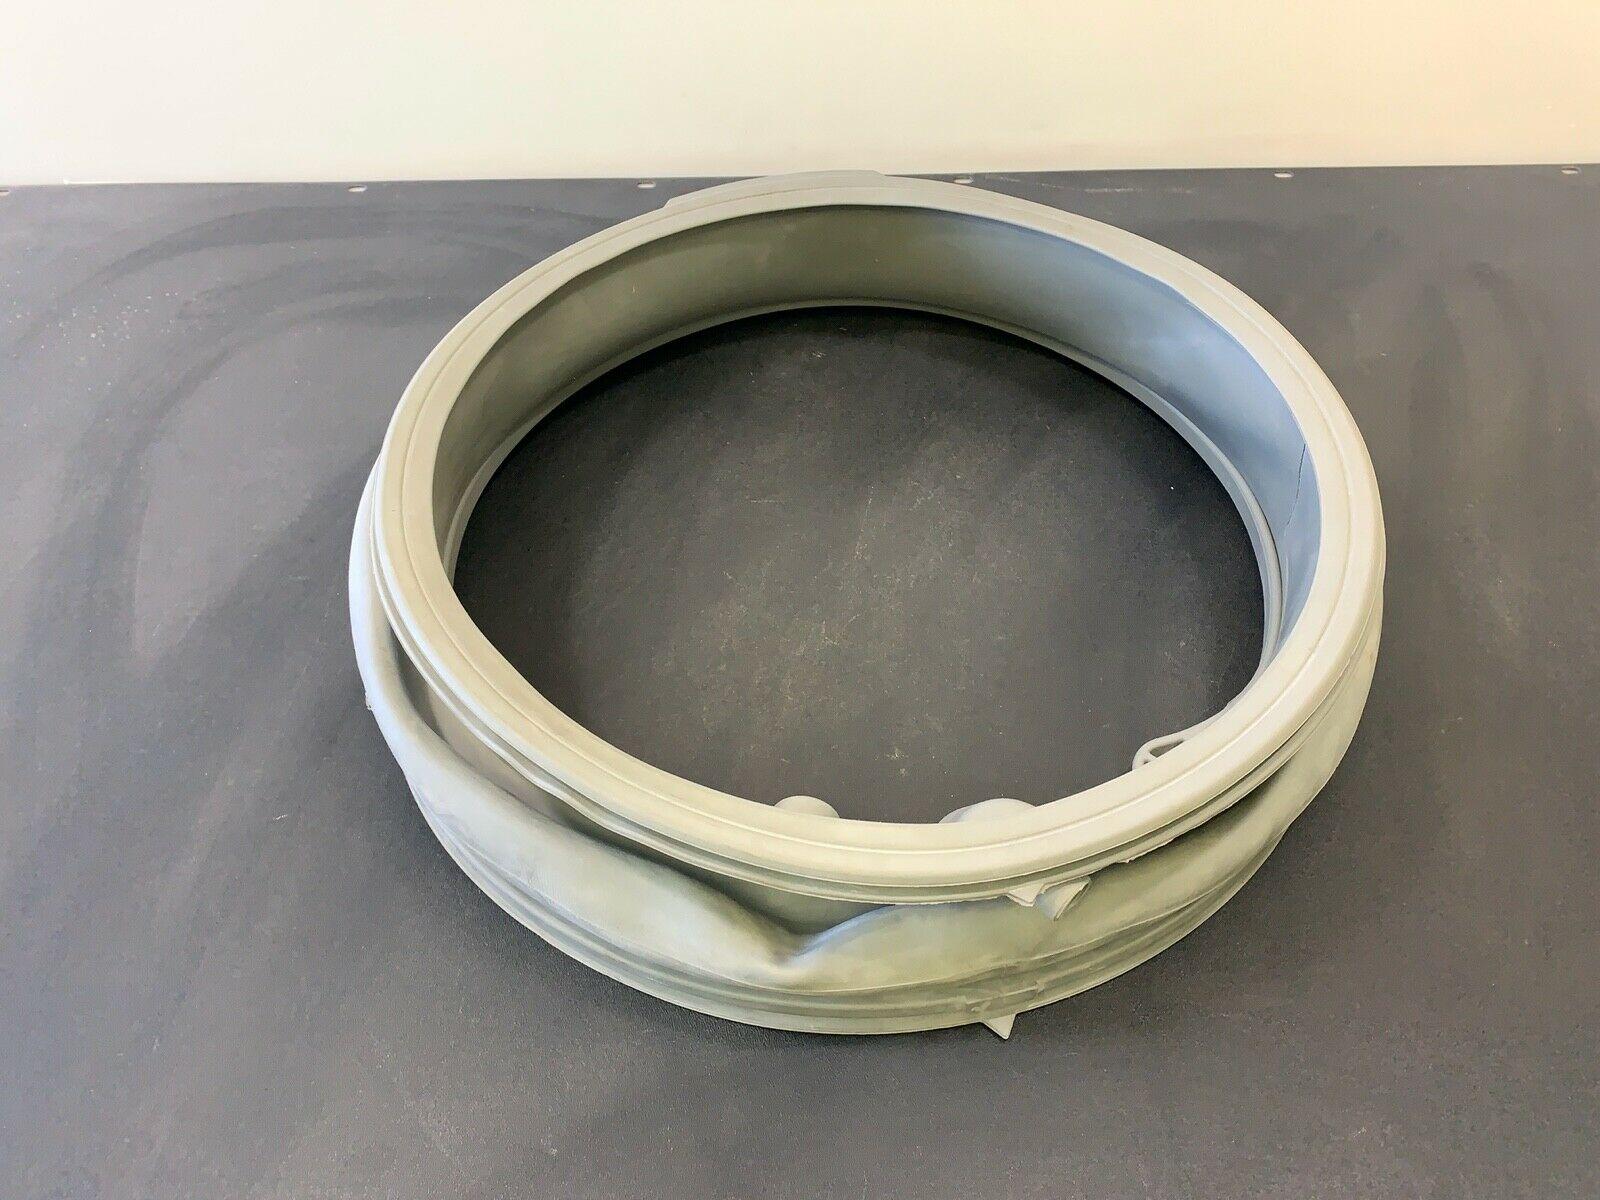 Frigidaire Washer Door Boot Seal  13473409, 134739800, 134728400, 134603700